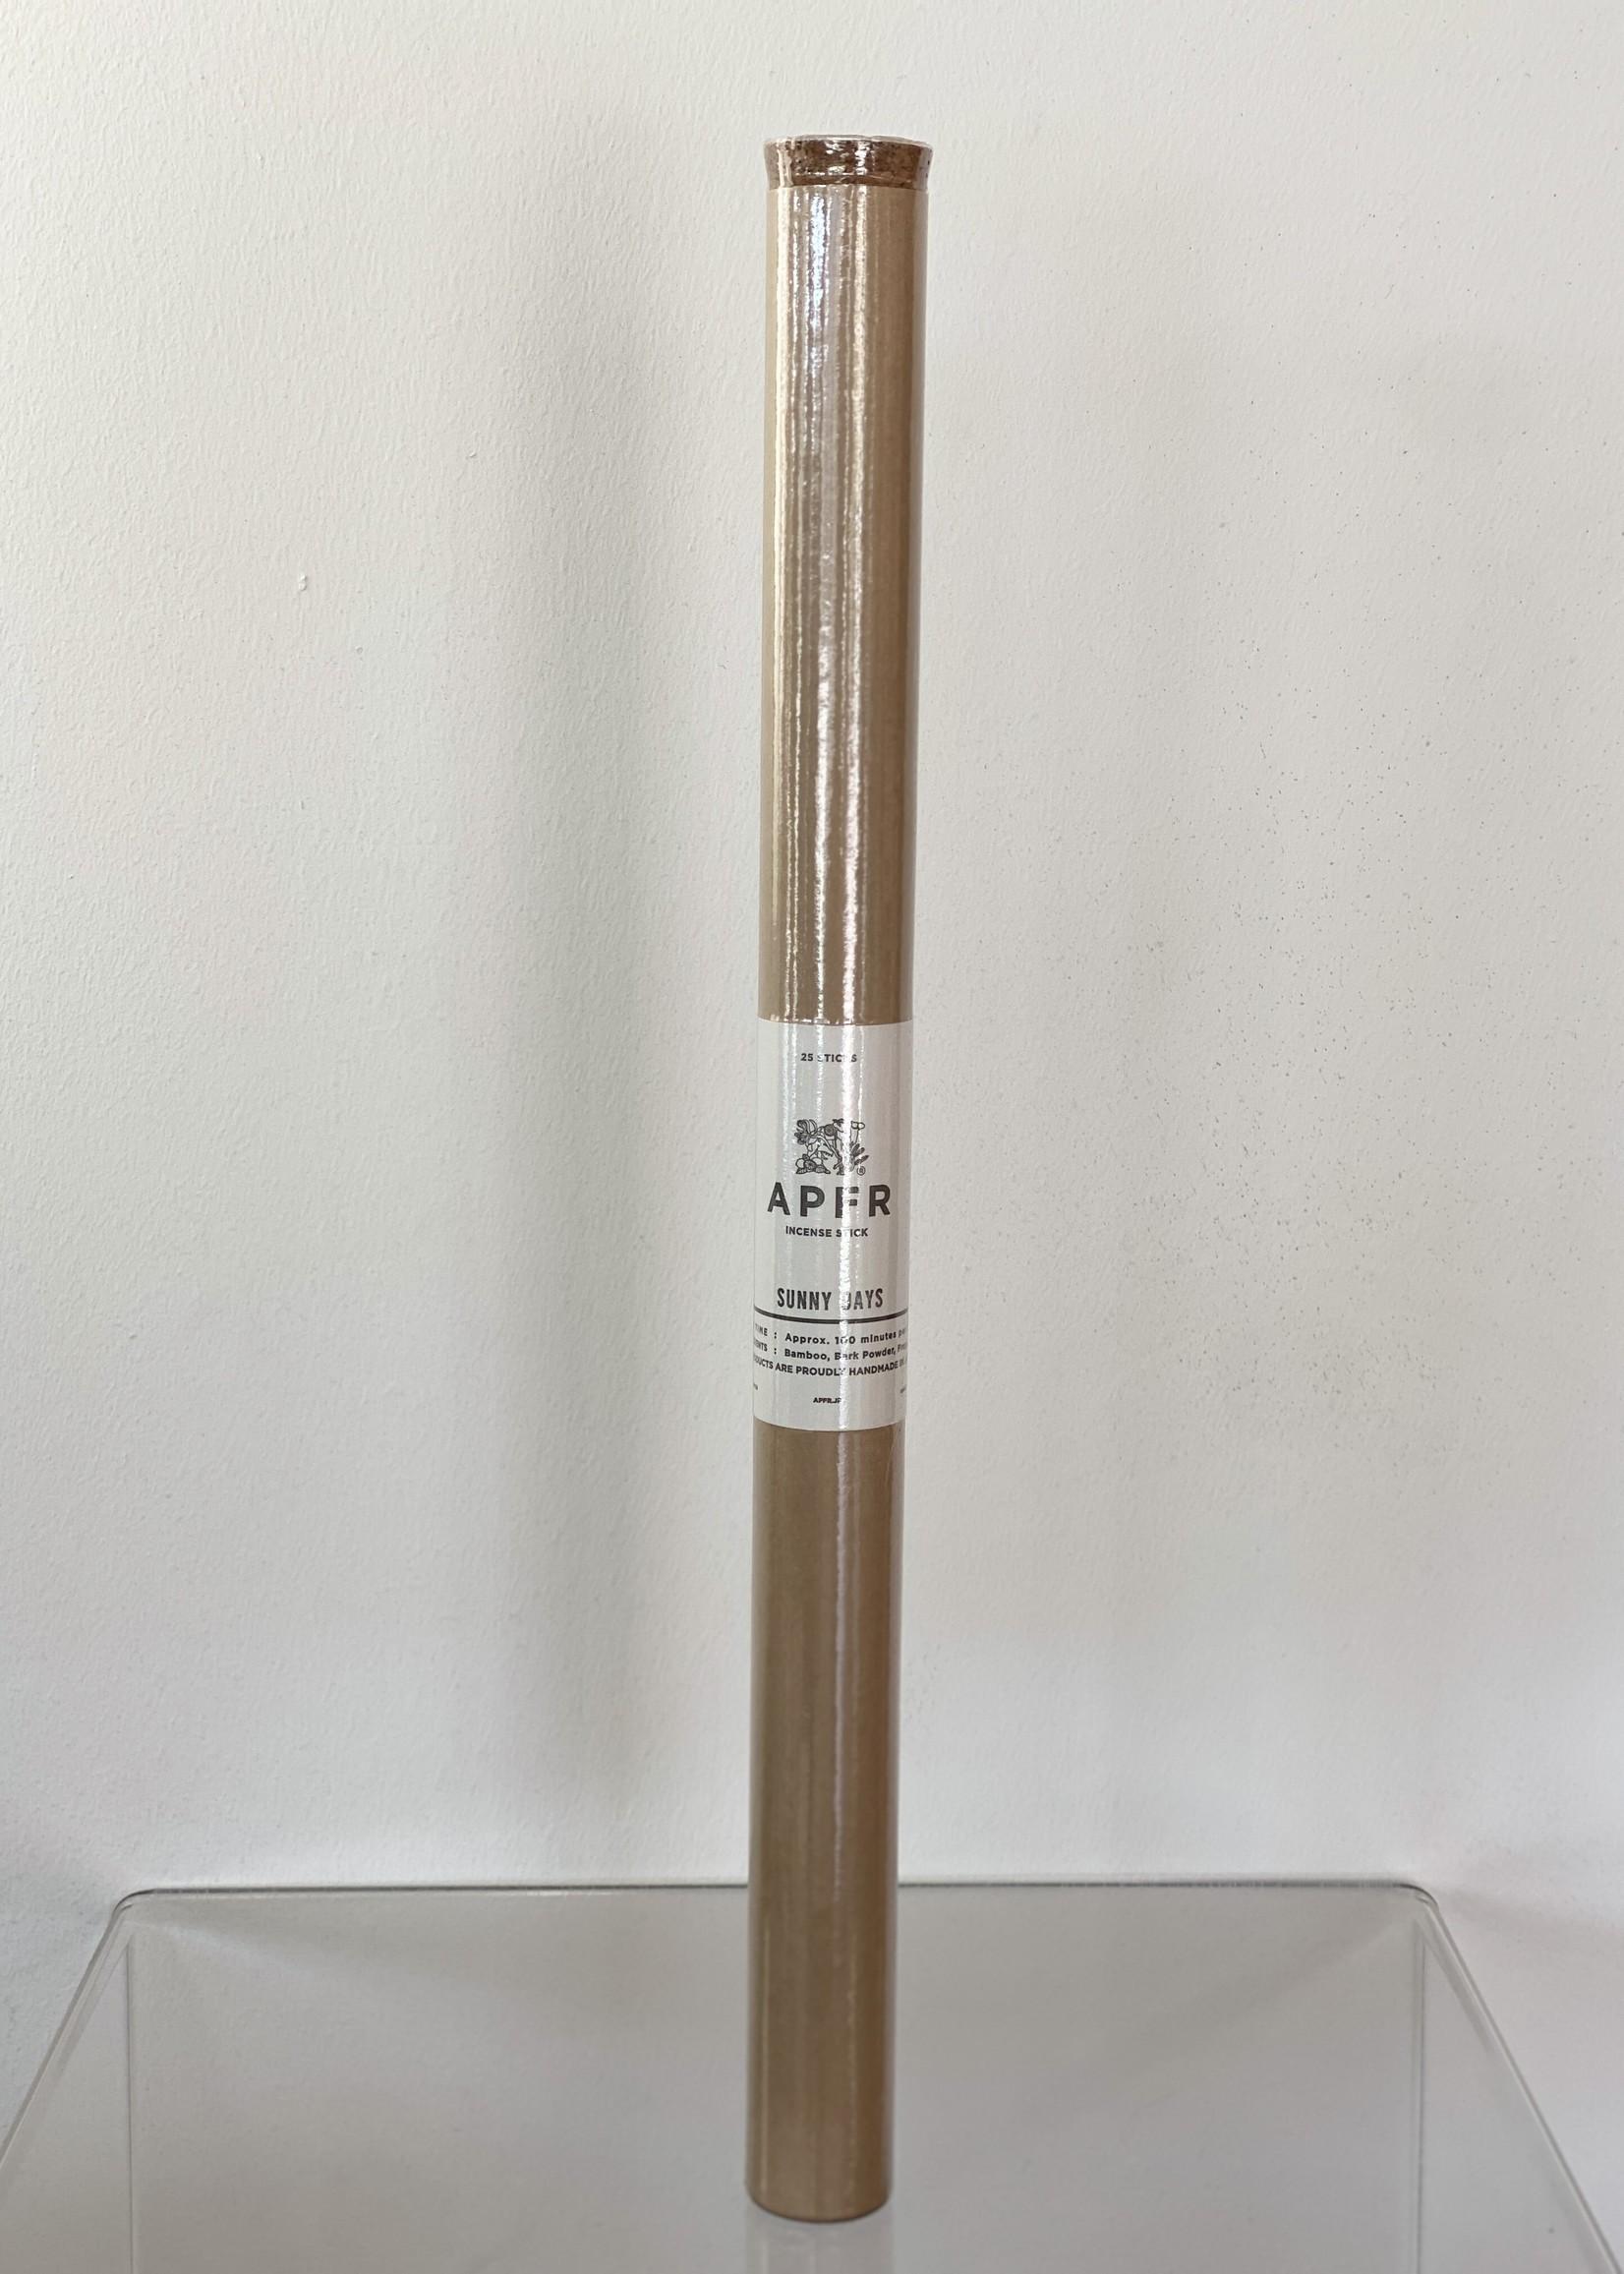 APFR Japan Japanese Incense: Sunny Days